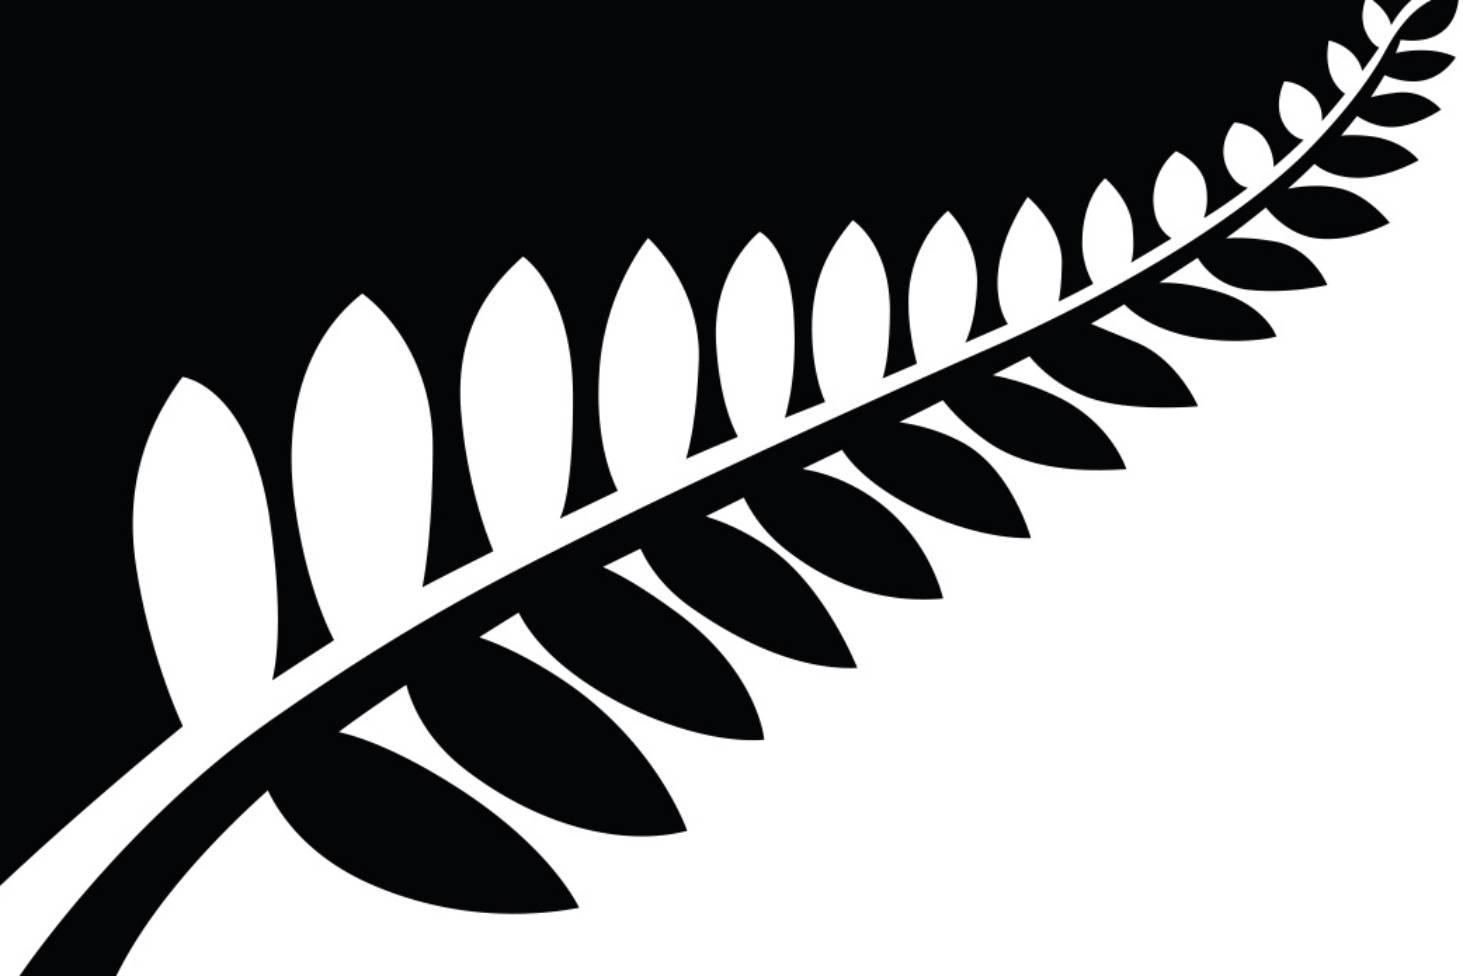 Fern clipart fern nz. Flag designer alofi kanter